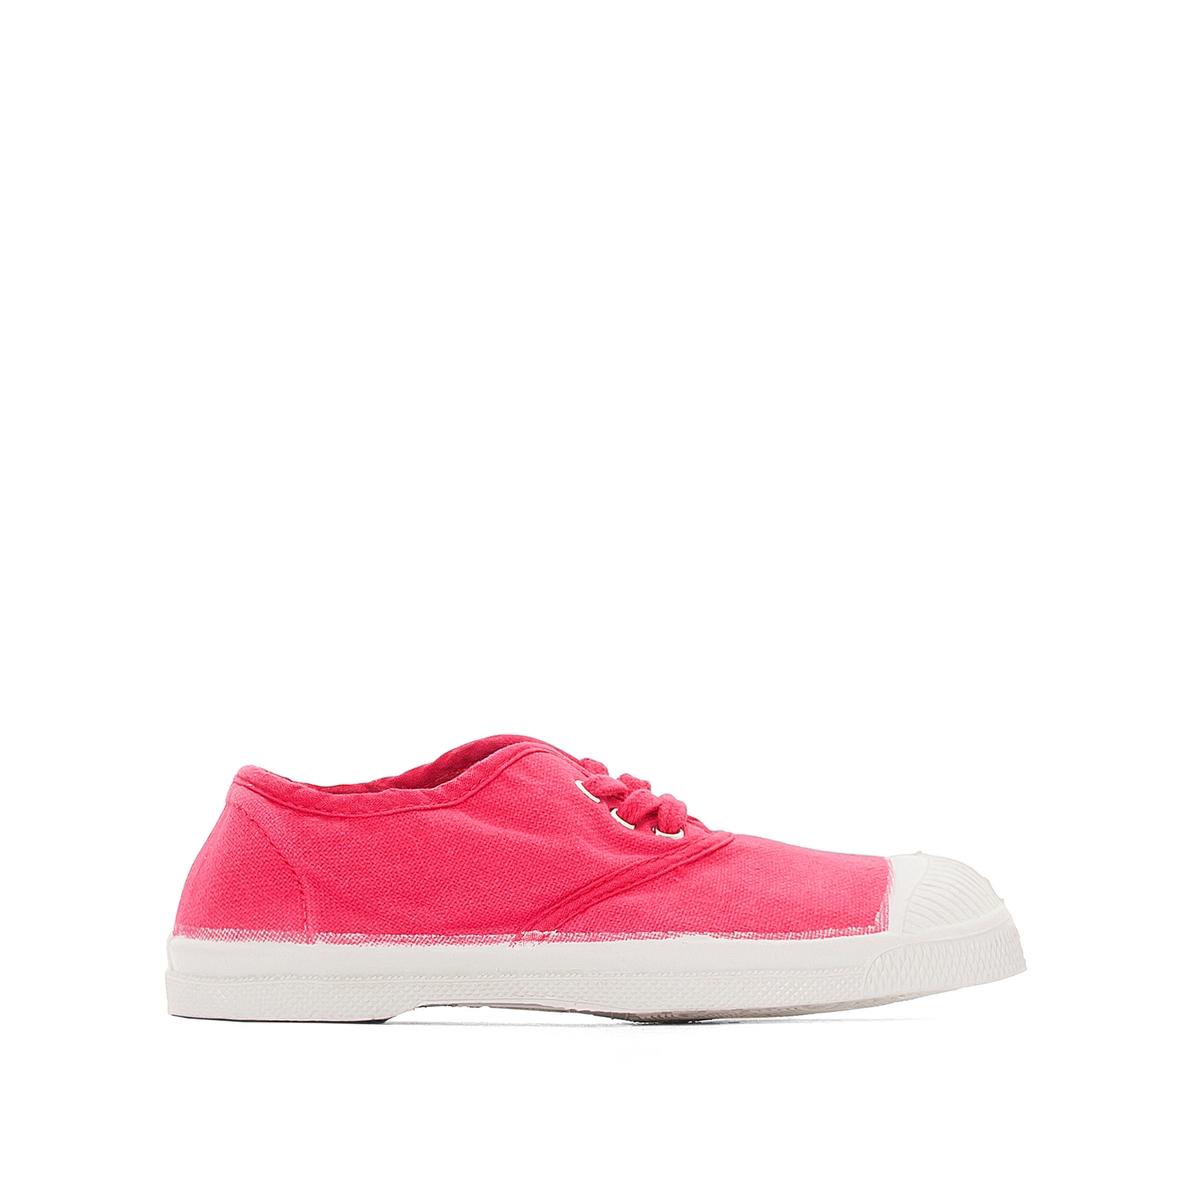 Кеды хлопковыеДетали   •  Спортивный стиль •  Плоский каблук •  Застежка : шнуровкаСостав и уход   •  Верх 100% ткань •  Подкладка 100% текстиль •  Стелька 100% текстиль •  Подошва 100% каучук<br><br>Цвет: розовый